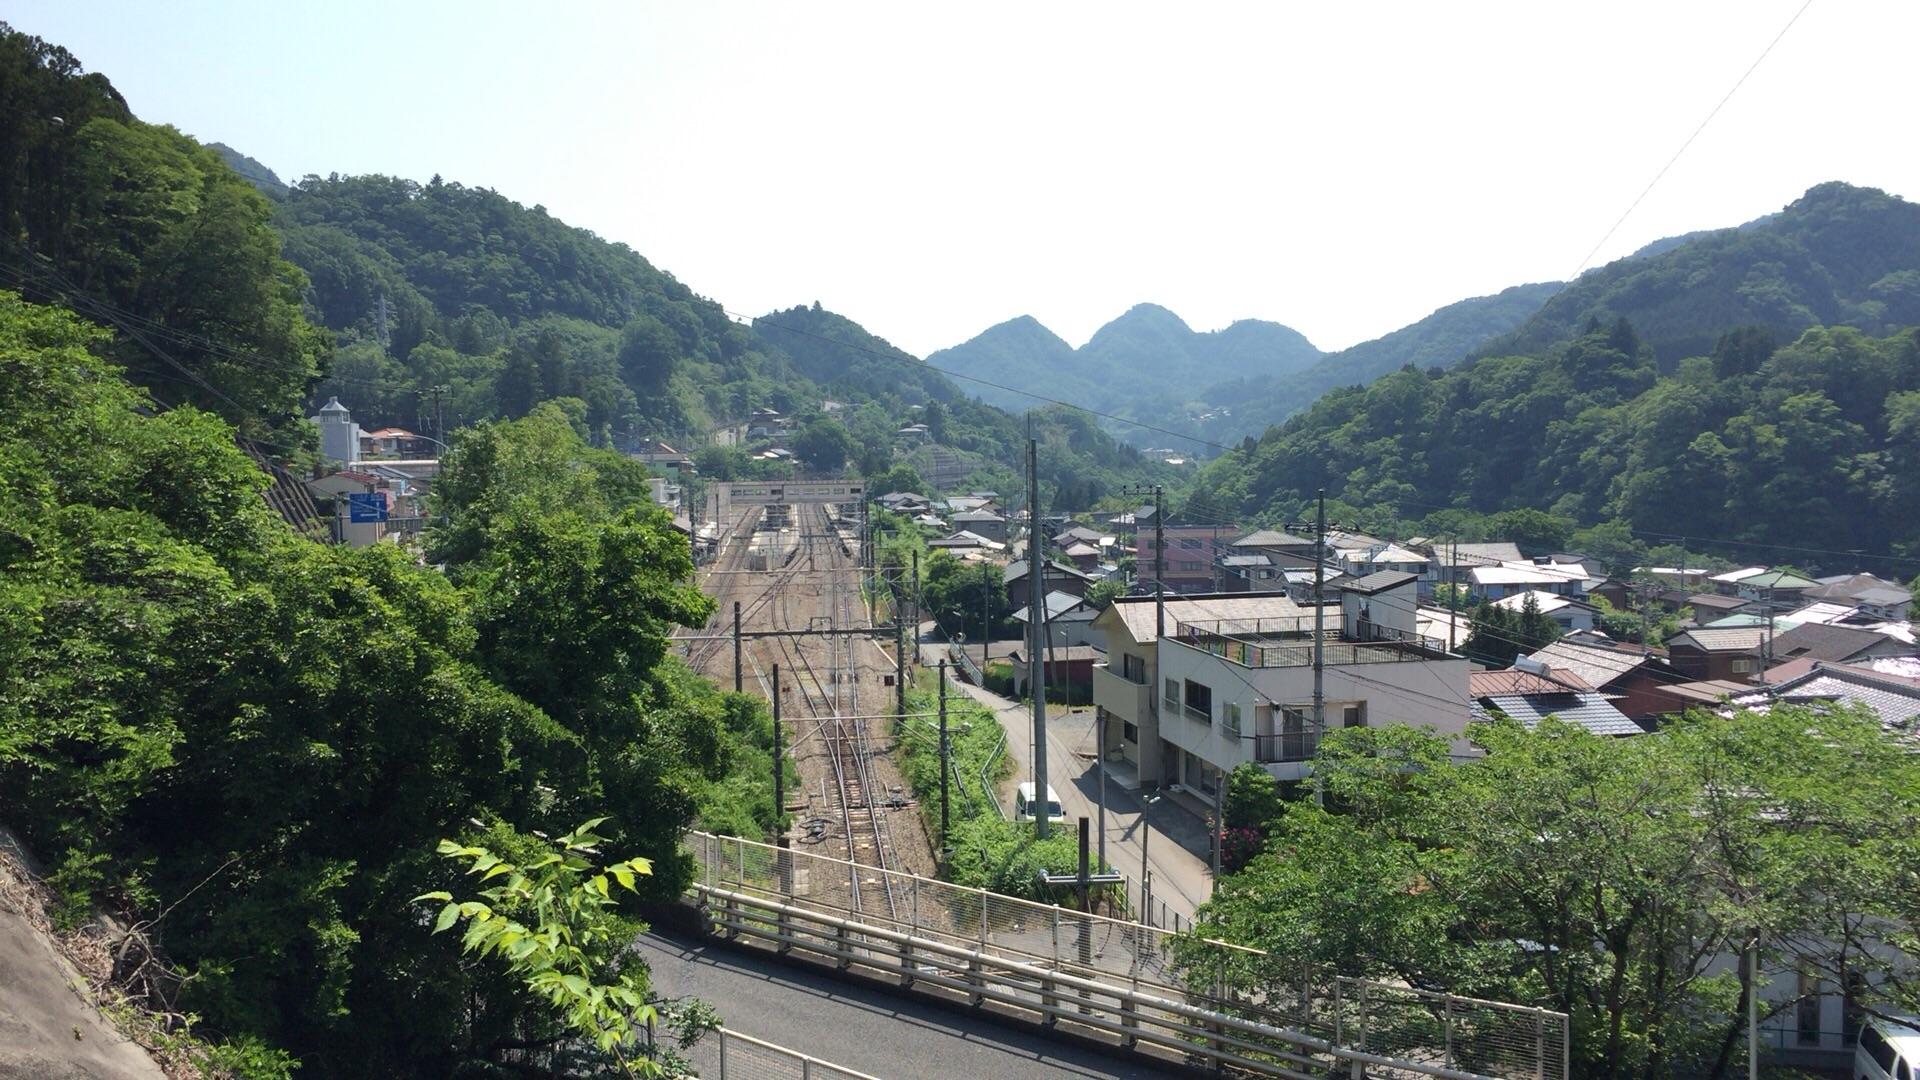 f:id:mfj_maap_jp:20170526001146j:image